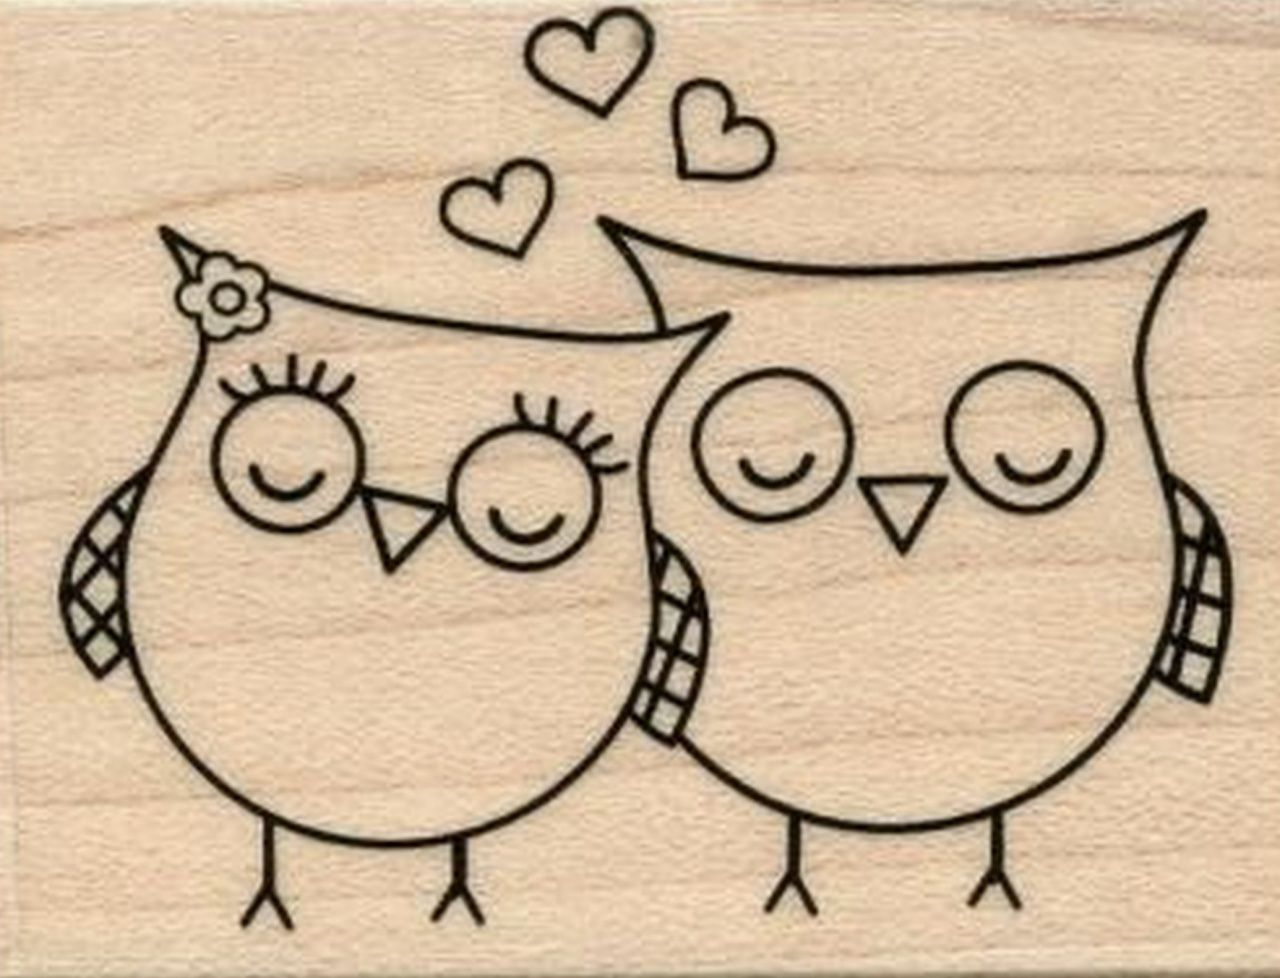 Des dessins et des mod les pour dessiner des chouettes dessin coloriage pinterest dessin - Modele d oiseaux a dessiner ...